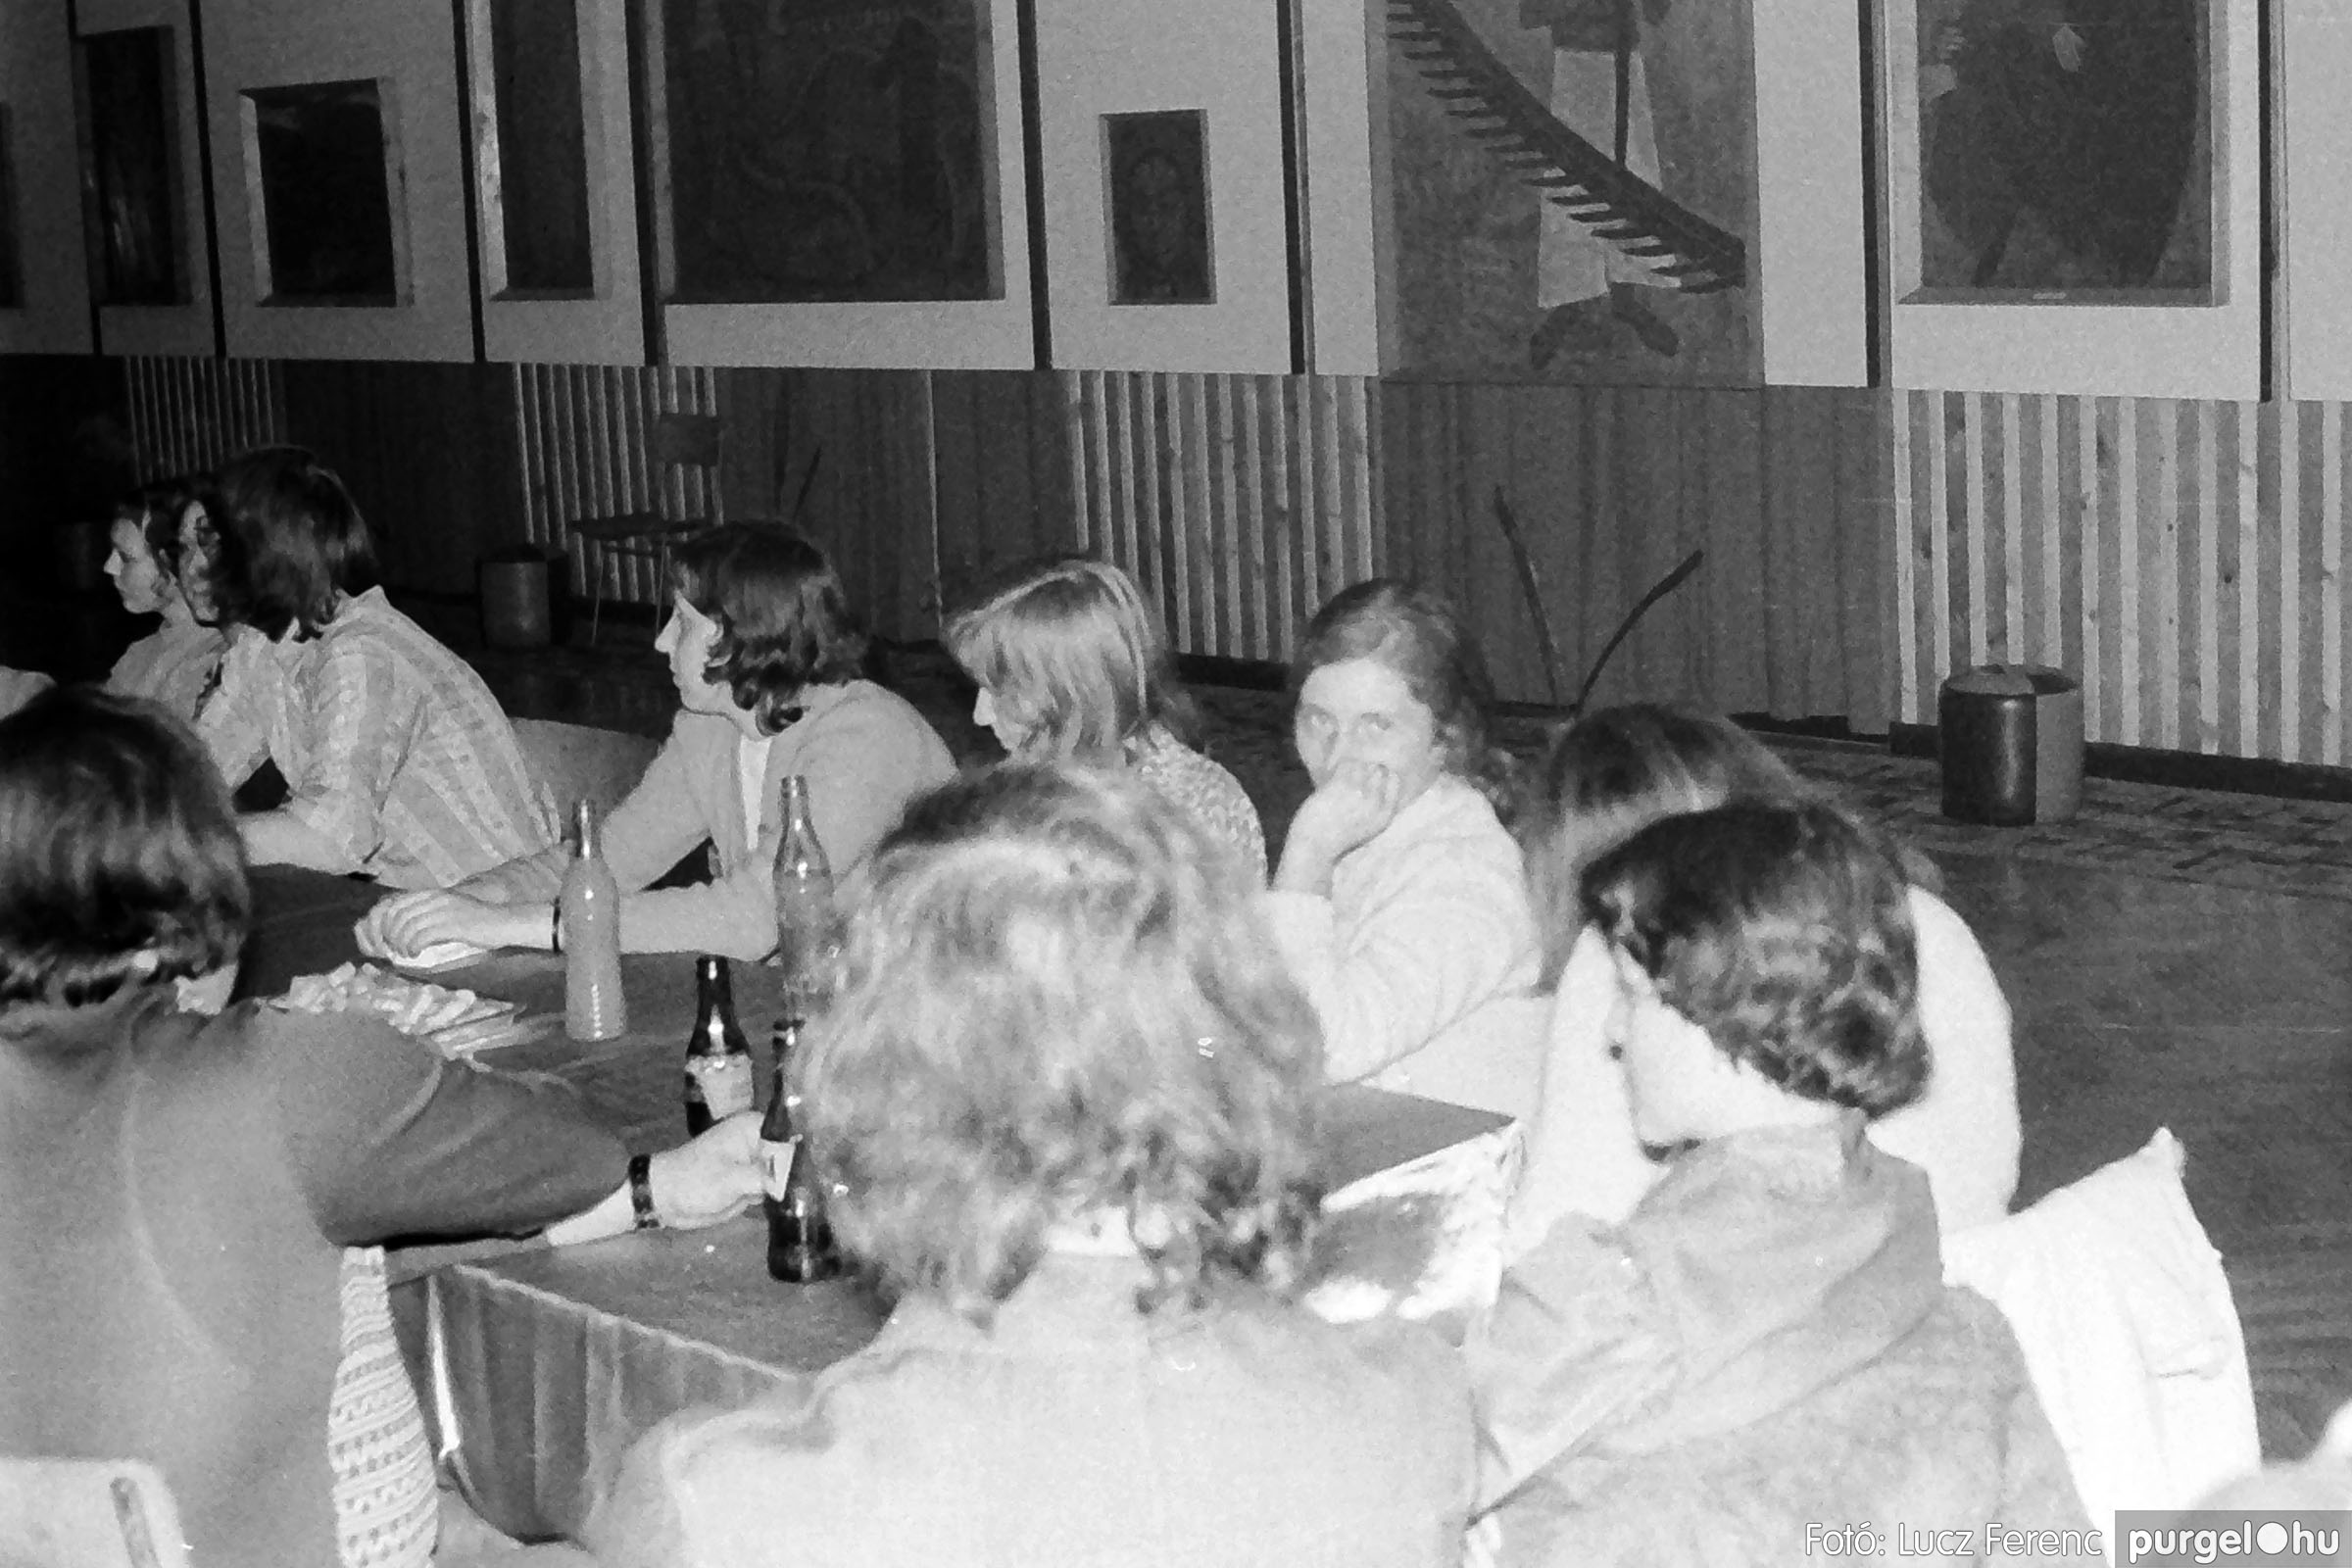 024 1975.10. Németh József és Szalay Ferenc festőművészek kiállítása 021 - Fotó: Lucz Ferenc IMG00222q.jpg